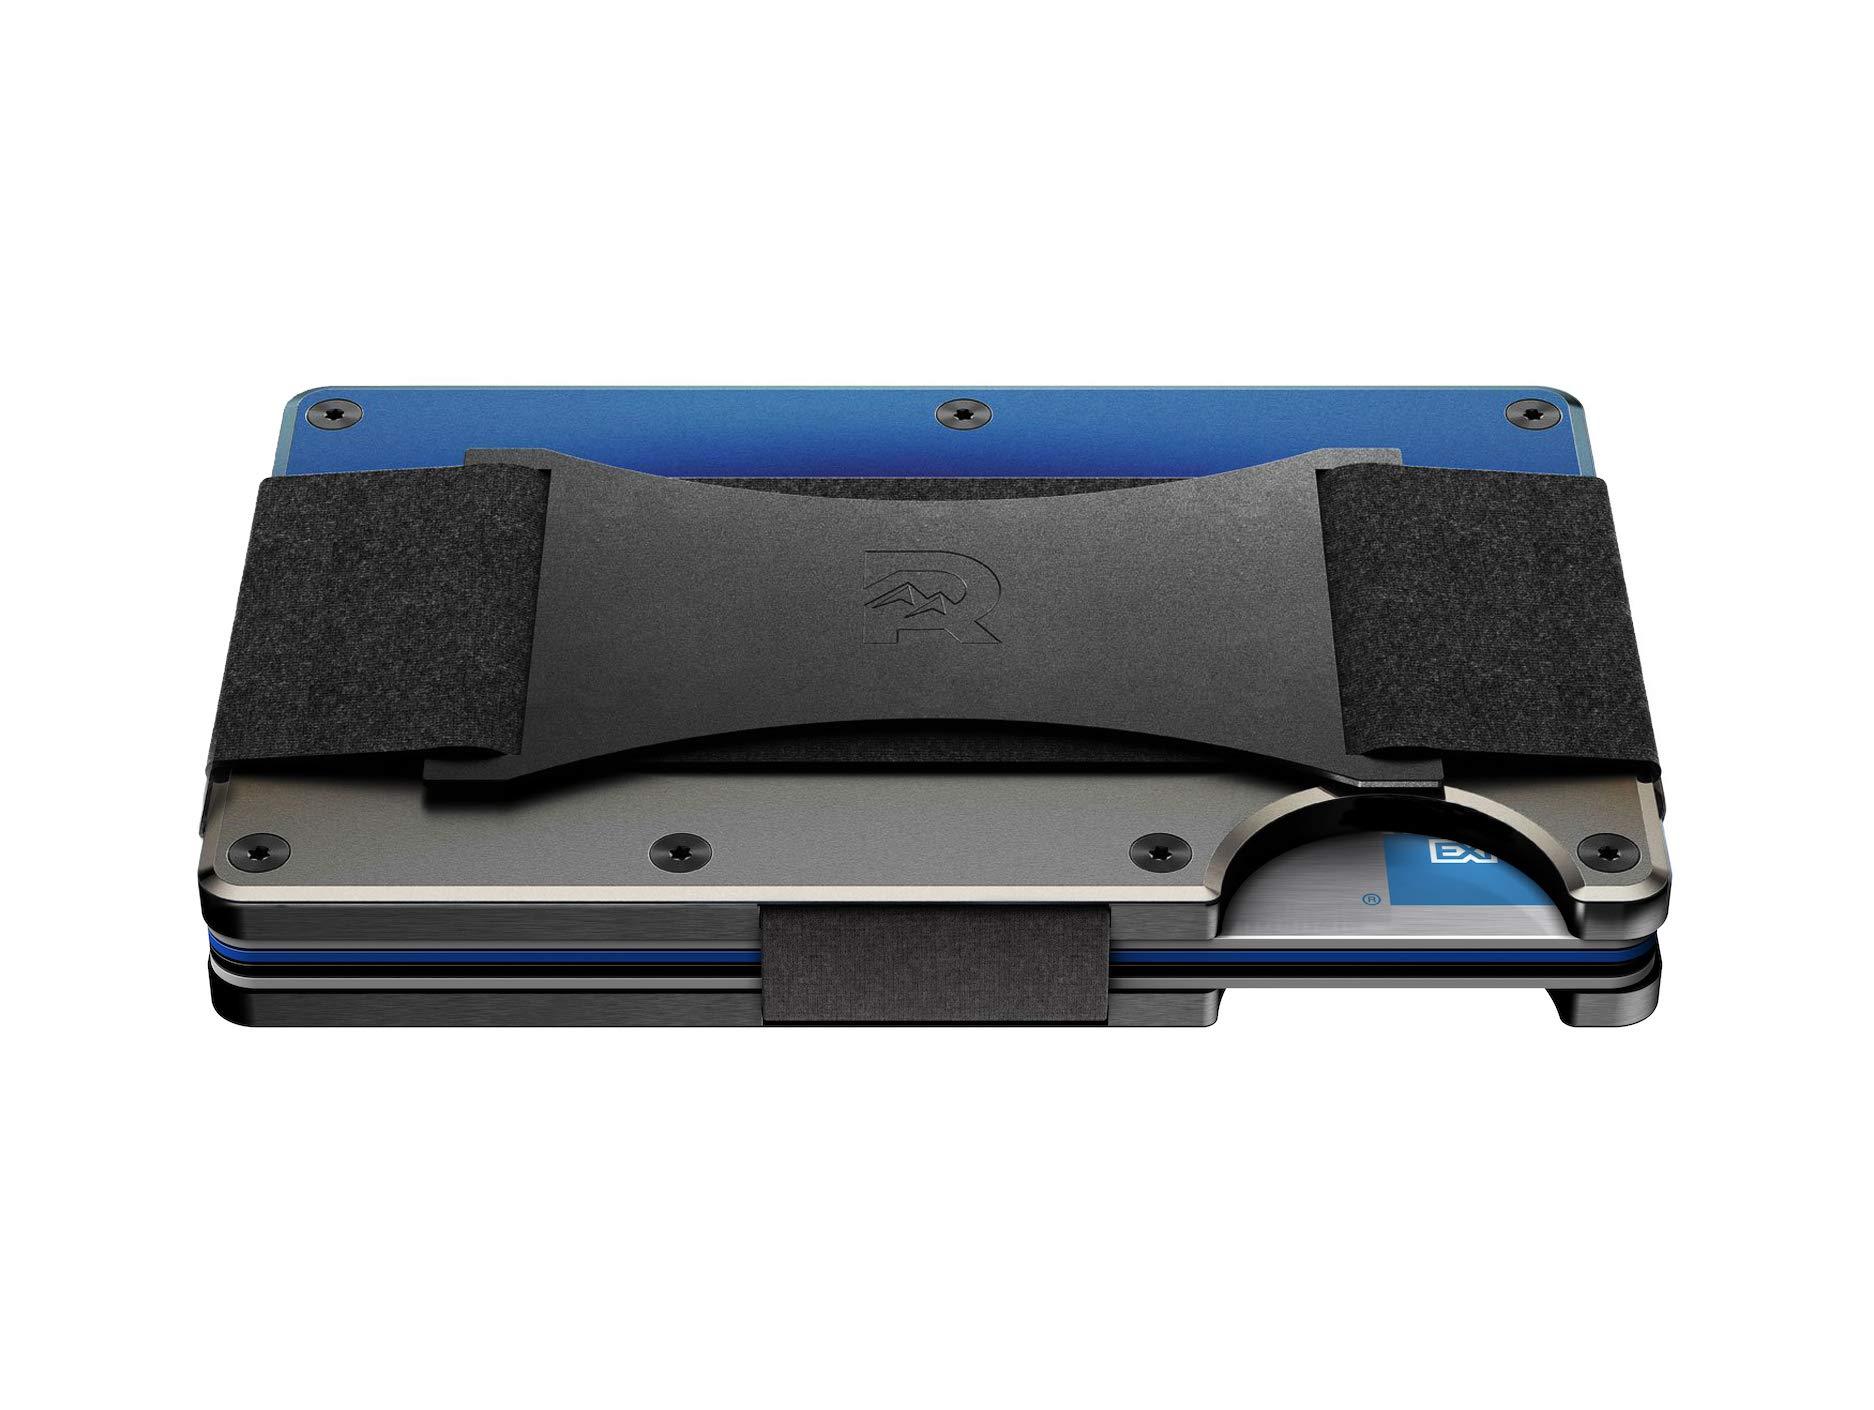 The Ridge Wallet Authentic Minimalist Titanium Metal RFID Blocking Wallet - Burnt Titanium Cash Strap | Wallet for Men | RFID Minimalist Wallet, Slim Wallet